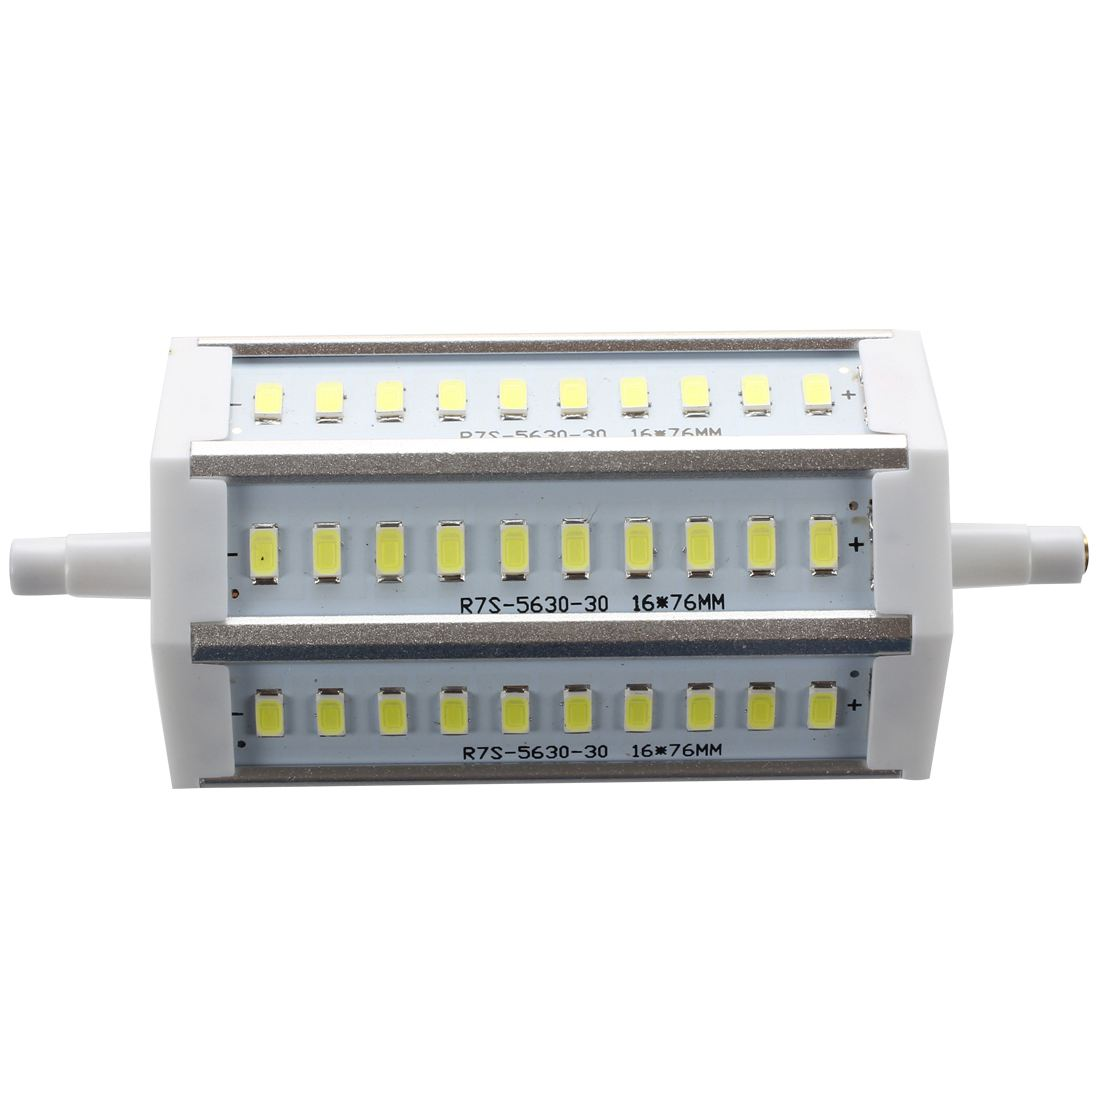 r7s 12w dimmbar 118mm 30 smd led birne halogen scheinwerfer lampe 1200lm k3a3 ebay. Black Bedroom Furniture Sets. Home Design Ideas